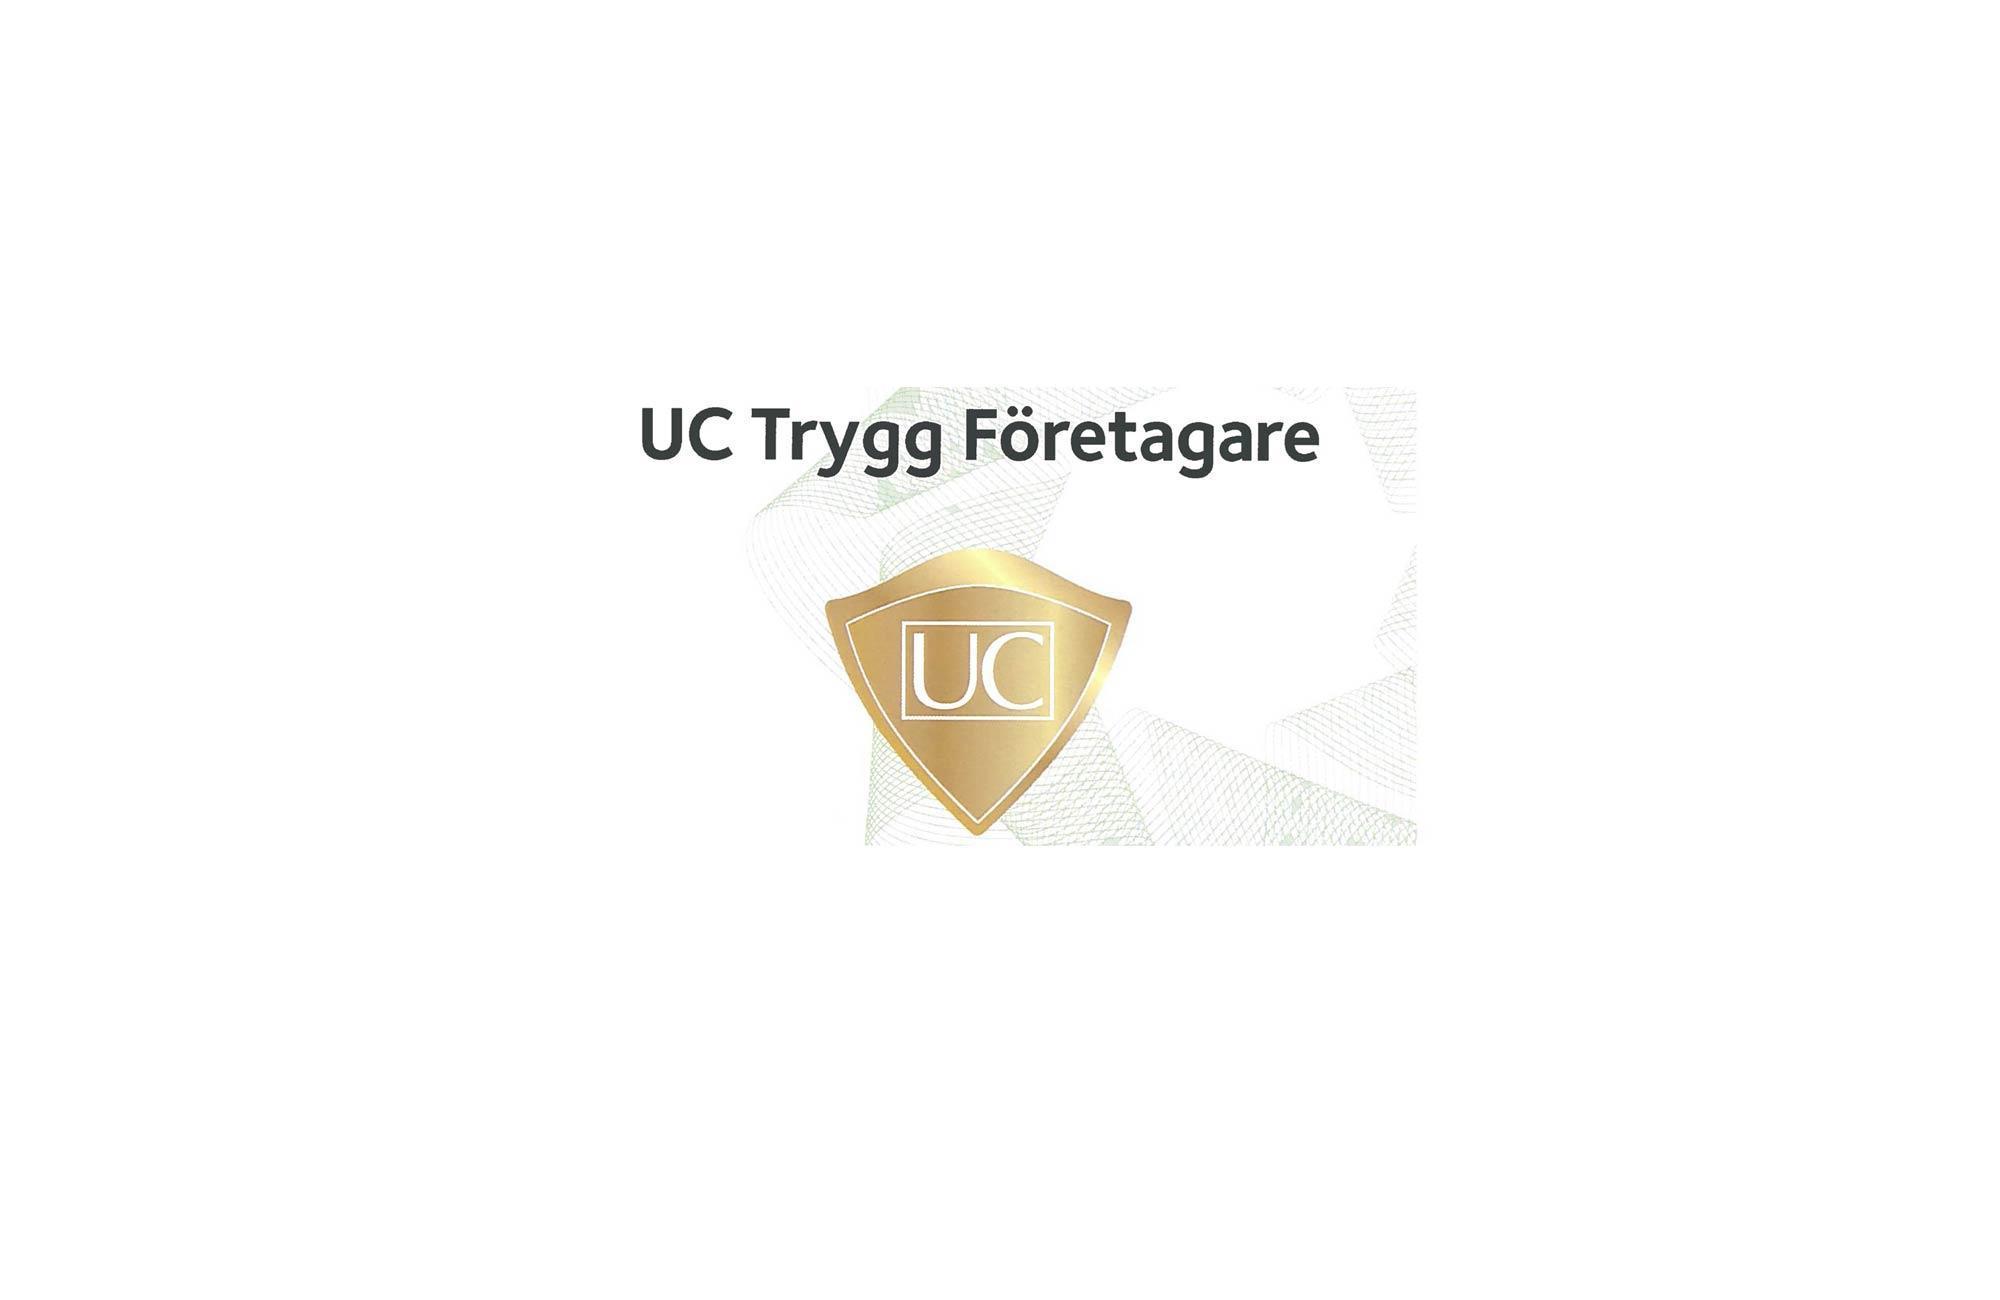 UC Trygg Företagare